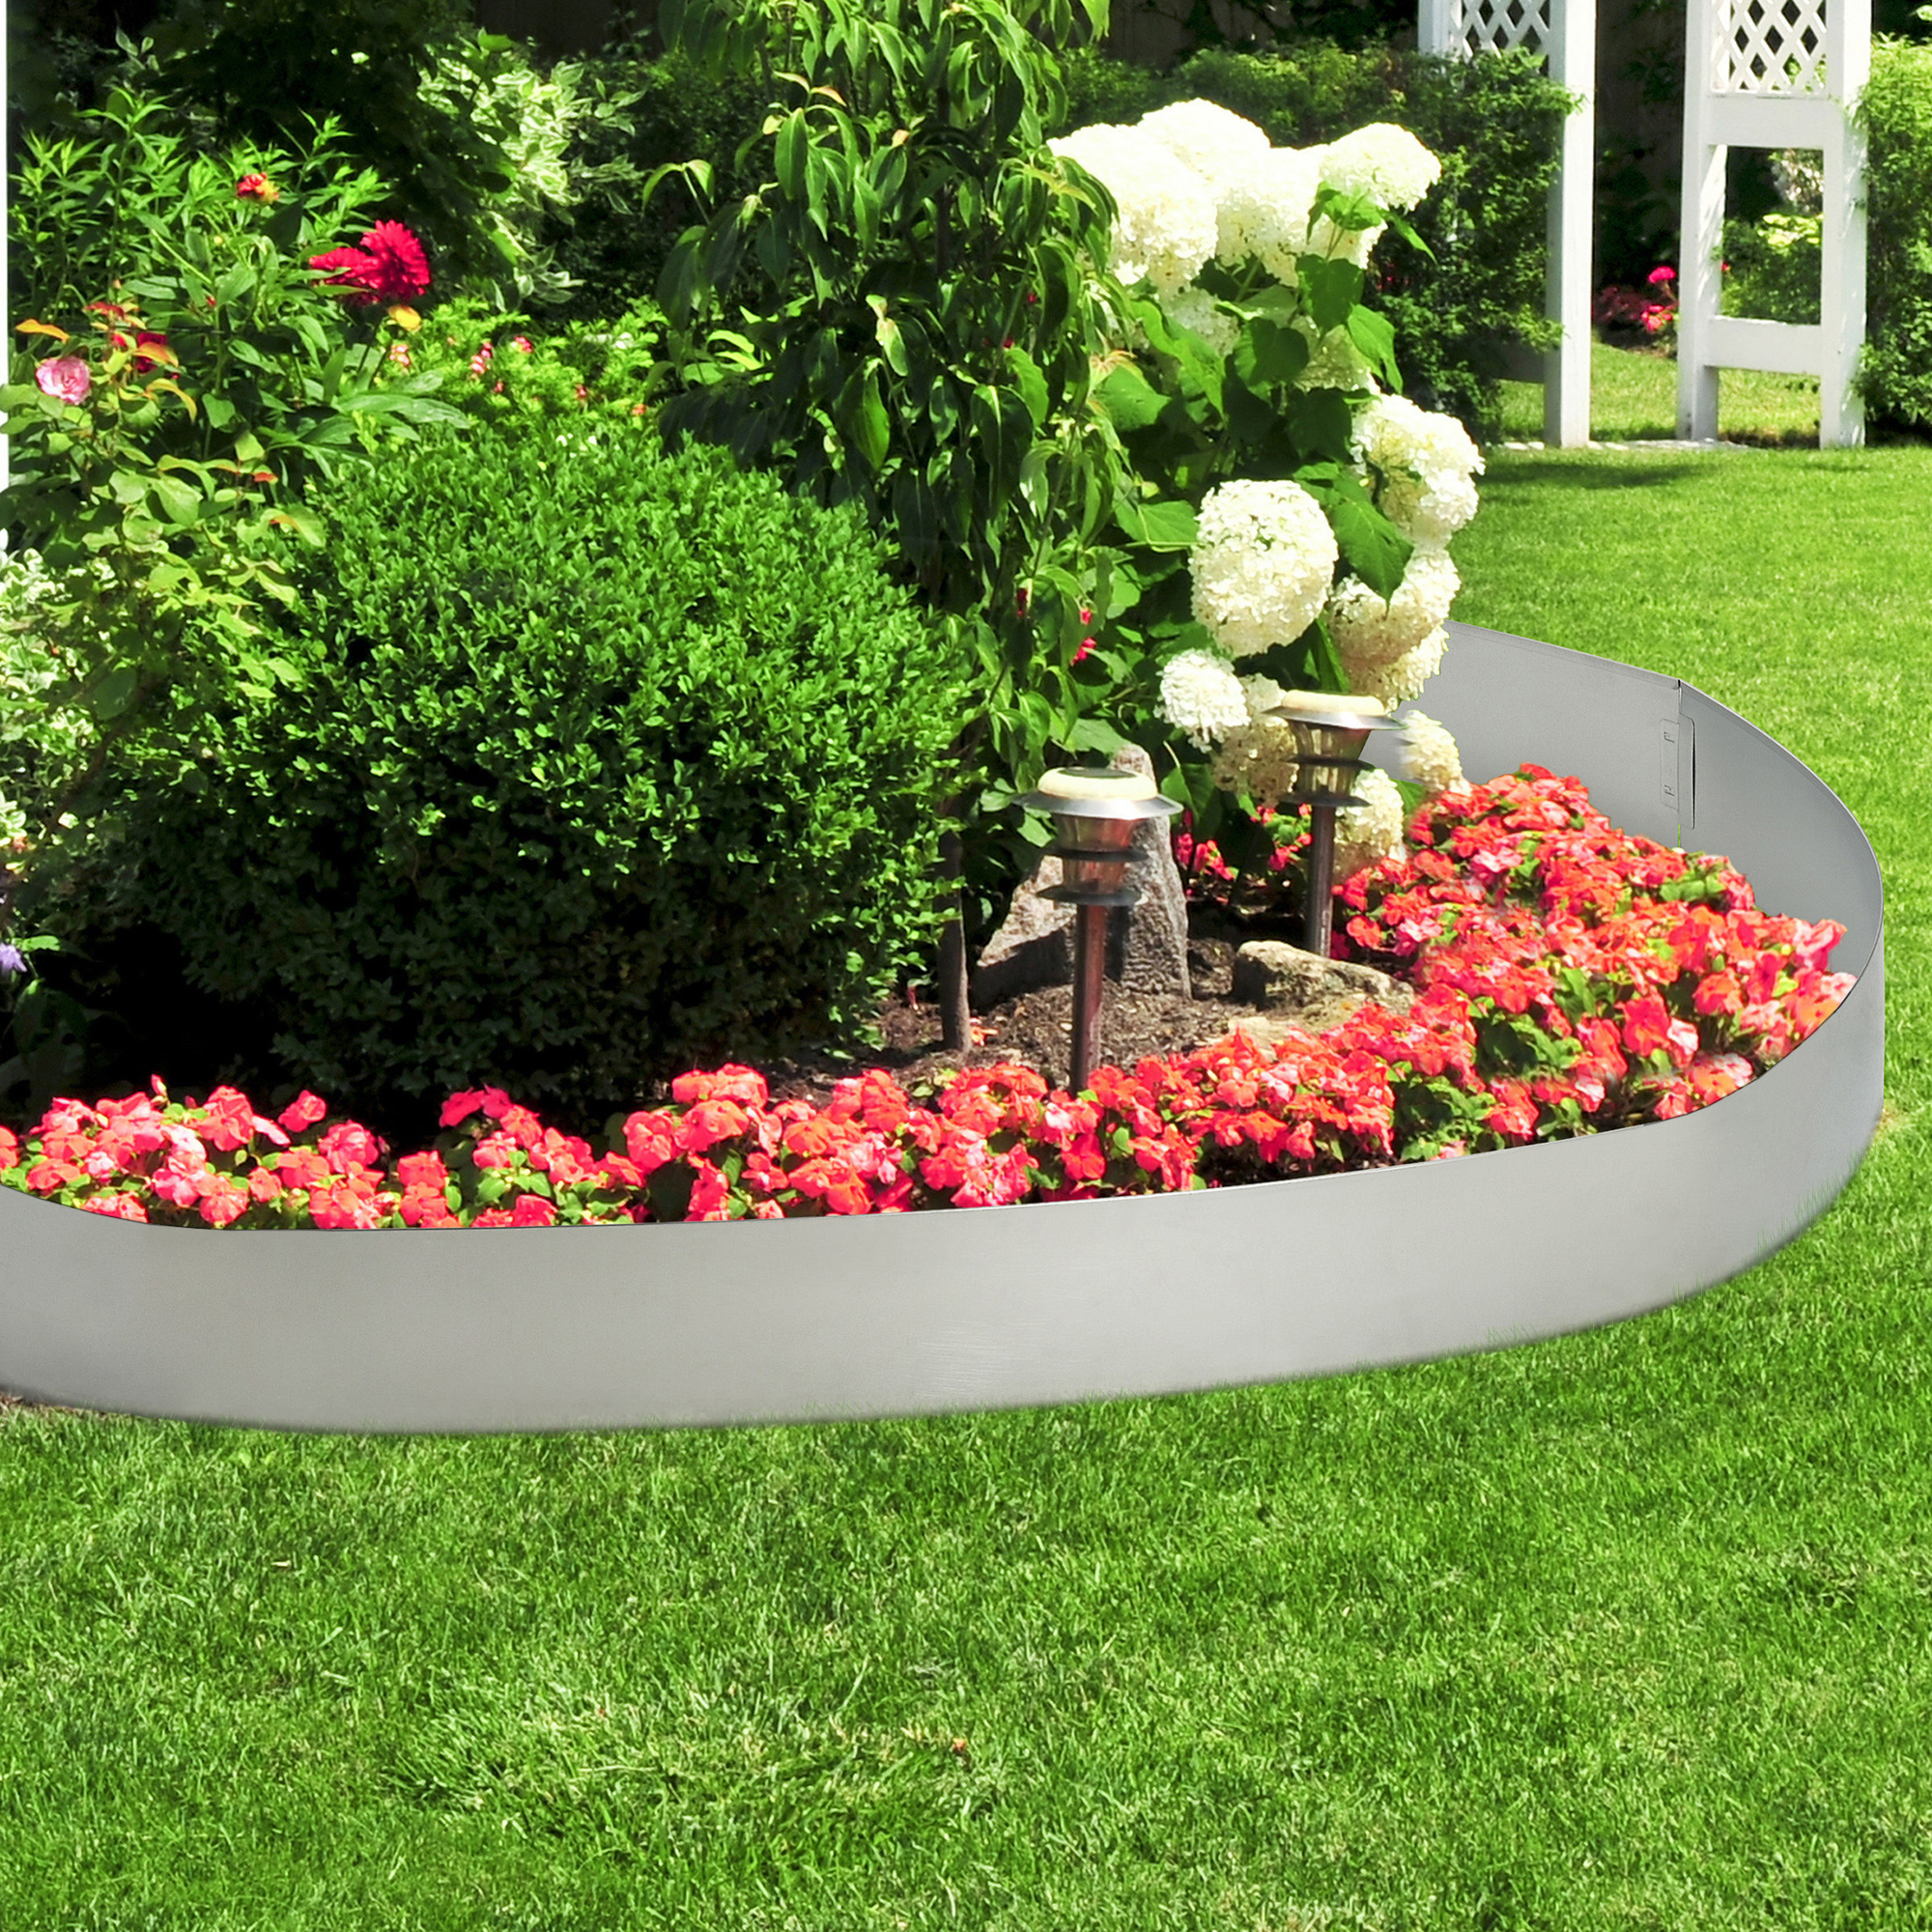 Détails Sur [Casa.pro]® Bordure Pour Jardin Acier Galvanisé Barrière 500 Cm  Kit De 5 concernant Bordure Jardin Flexible